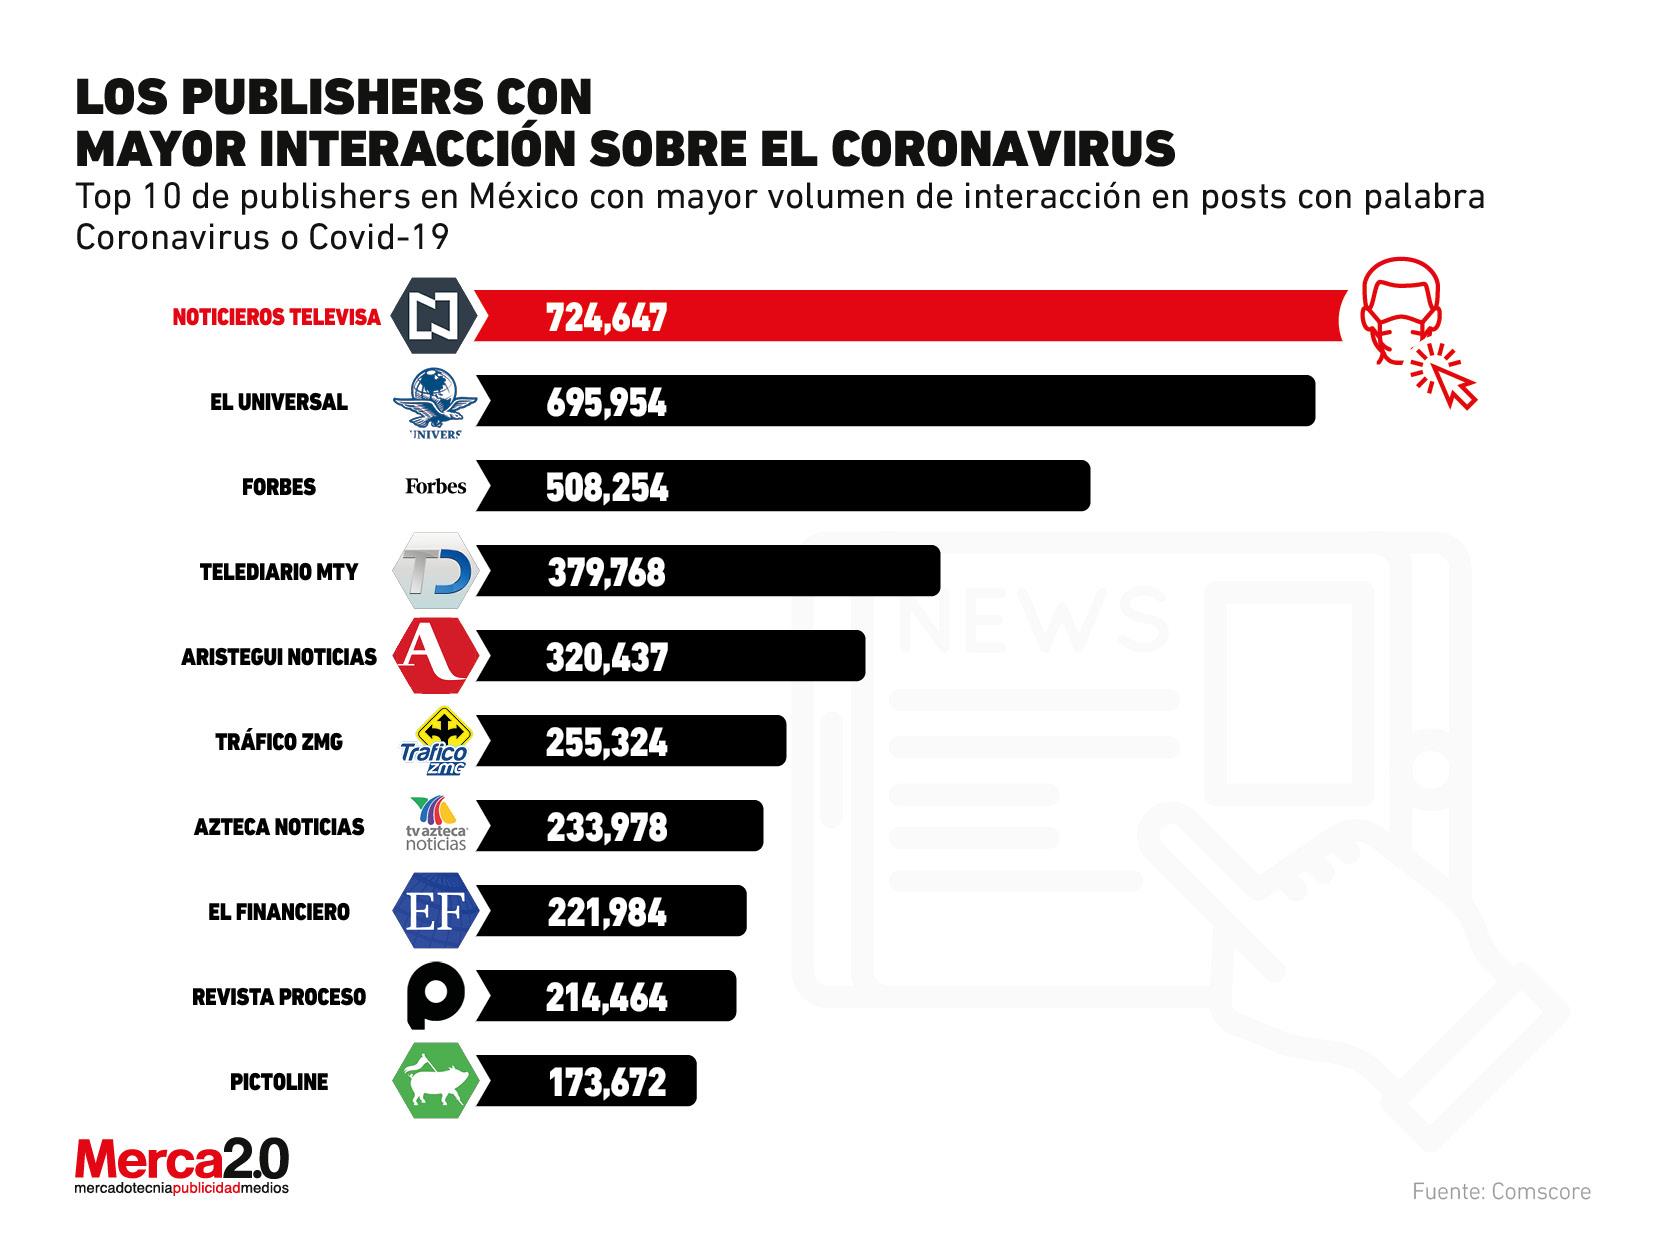 ¿Qué medios y publishers domina la conversación sobre el coronavirus?